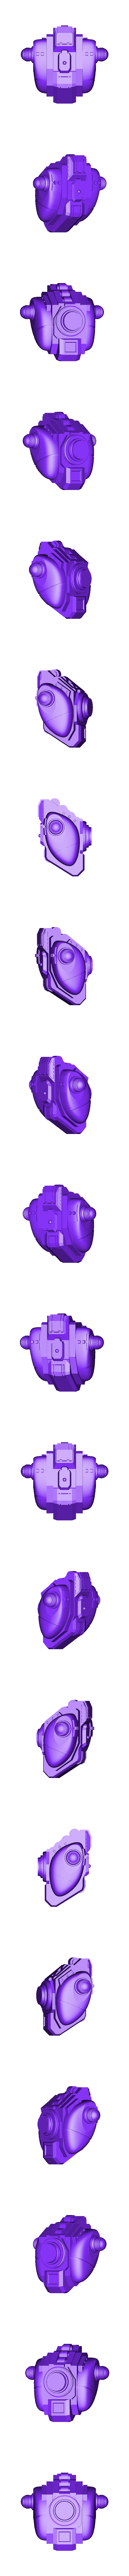 1-100th Defender Layout-HighRez-Torso.stl Télécharger fichier STL gratuit 1/100e de l'échelle Defender Mech • Design pour imprimante 3D, johnbearross